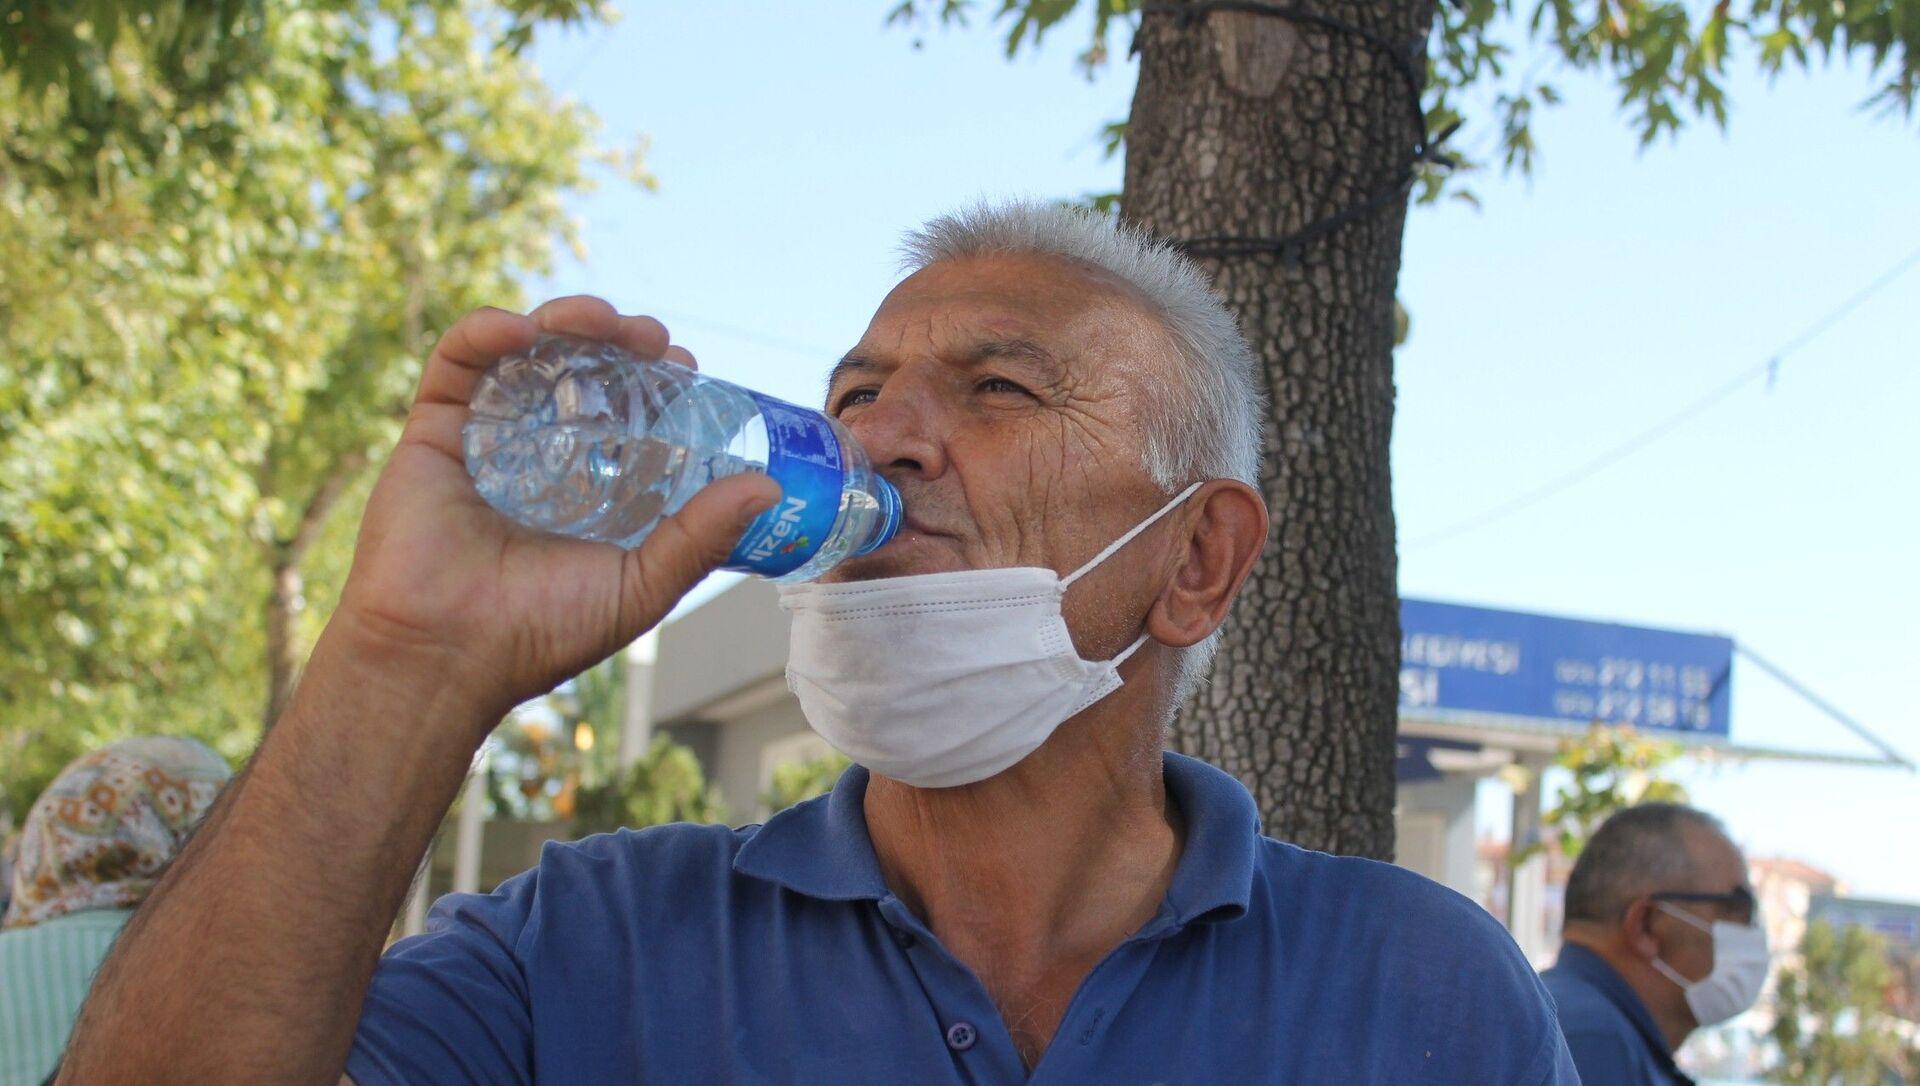 Sıcaklık, su, Aydın - Sputnik Türkiye, 1920, 04.08.2021